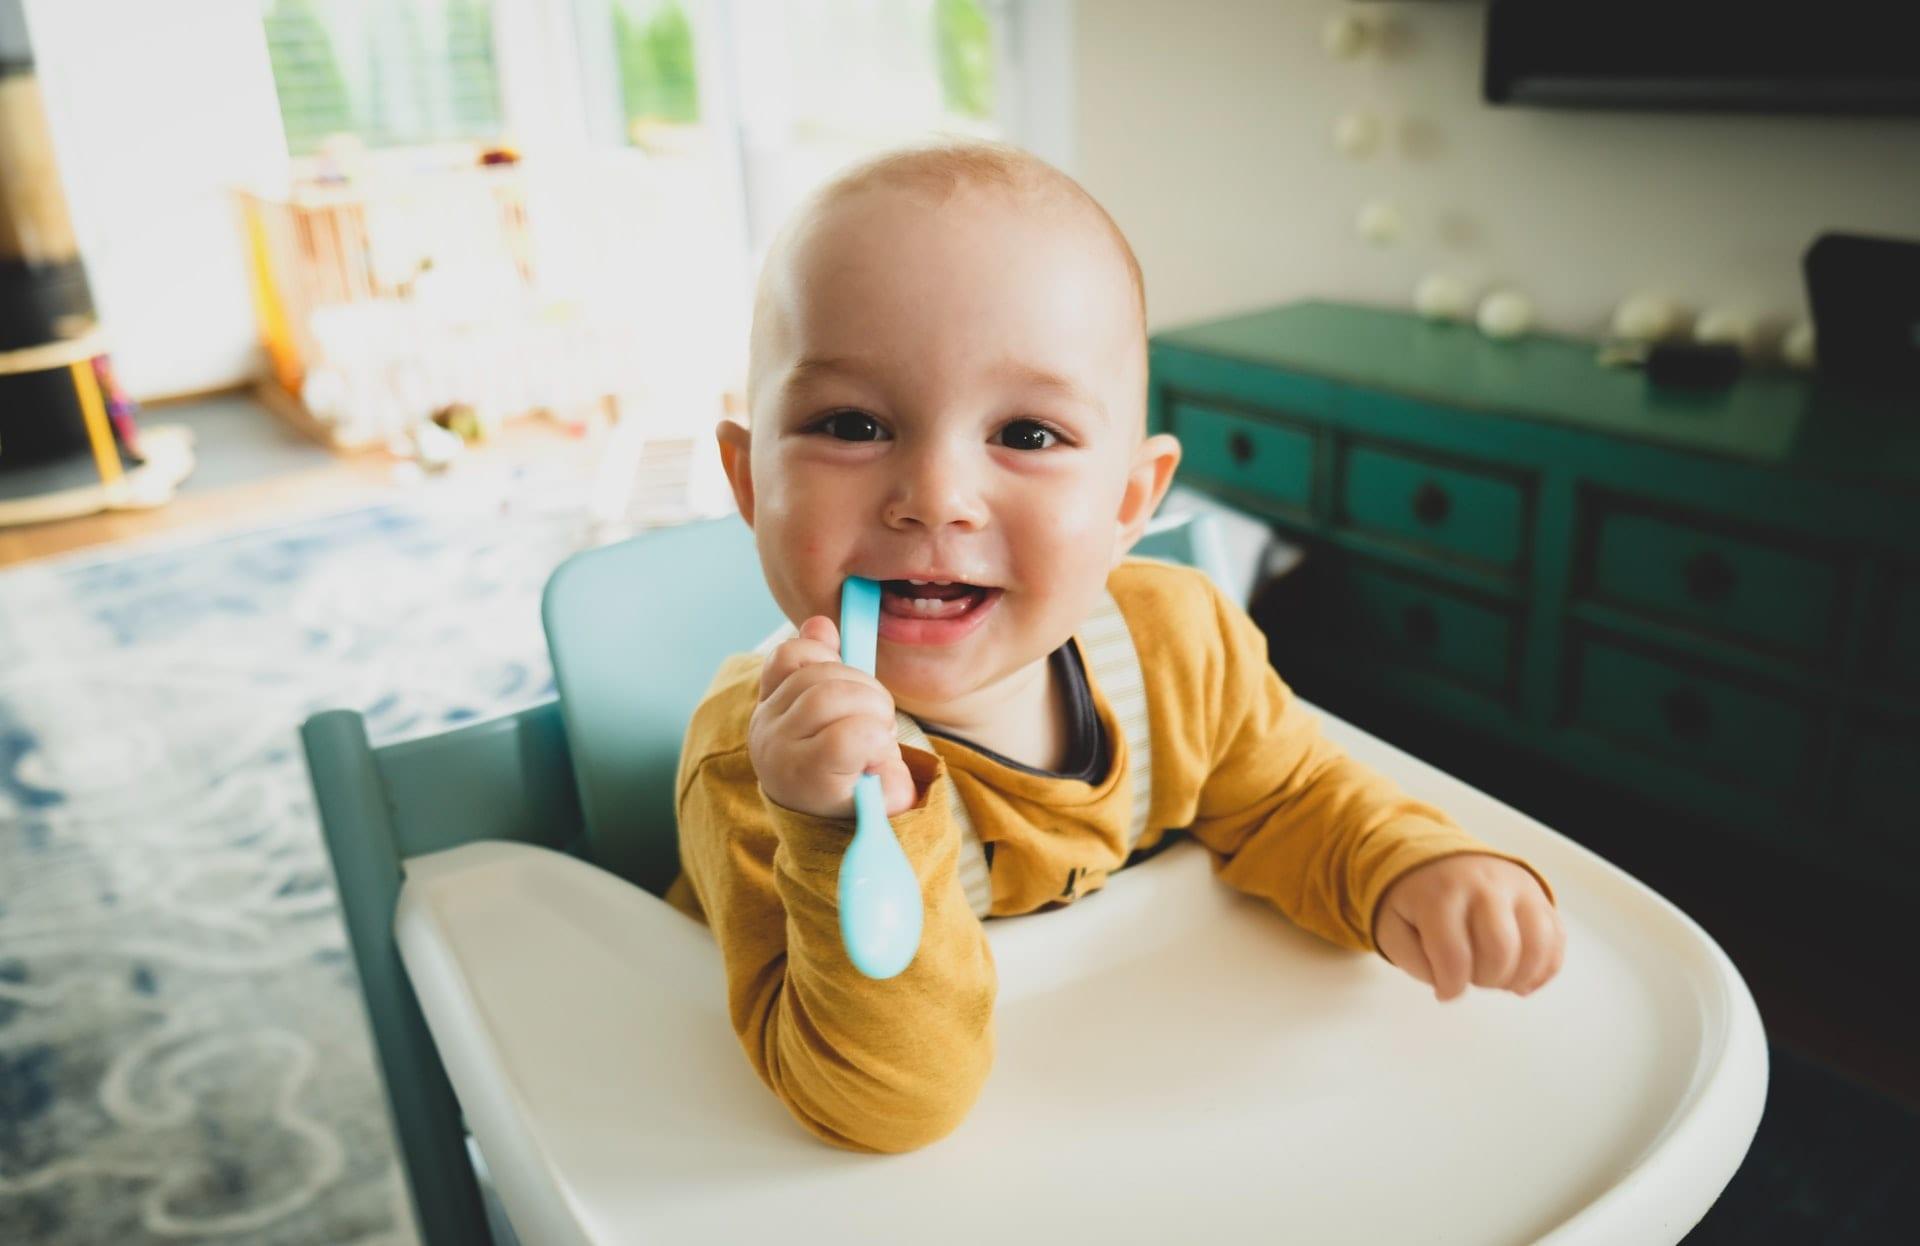 alimentação de um bebé de 5 meses